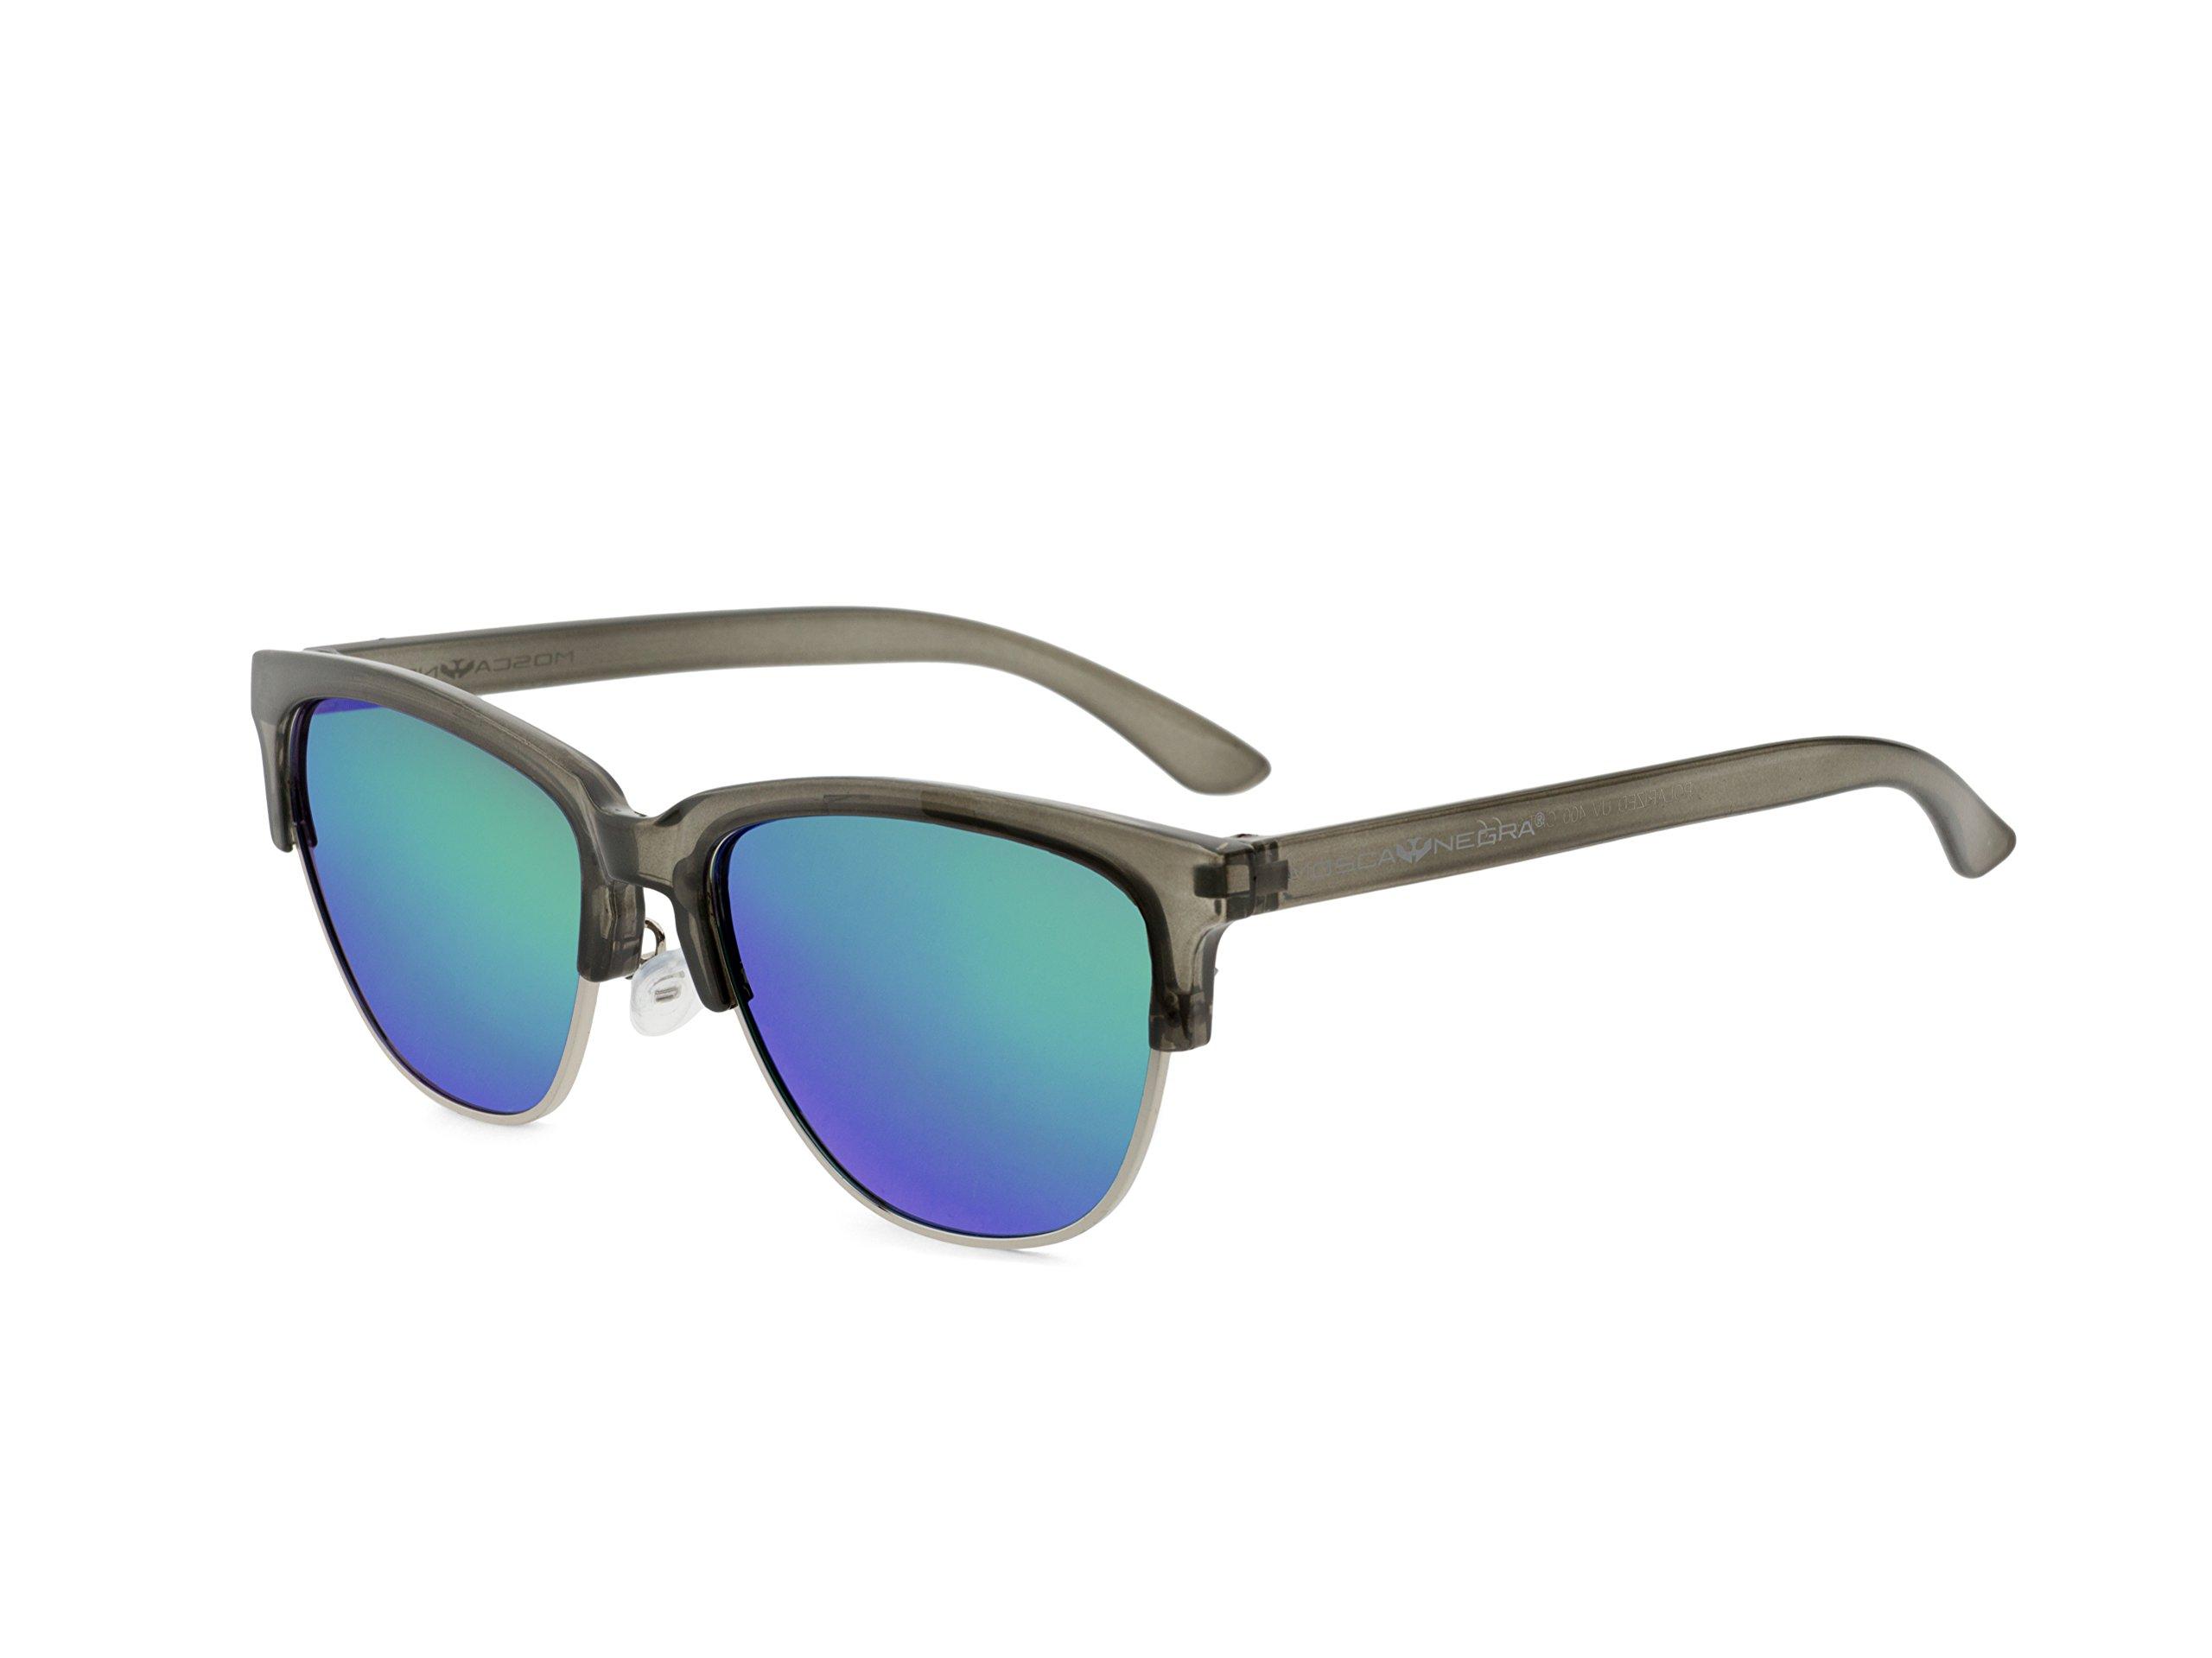 Gafas de sol MOSCA NEGRA modelo ALPHA METAL Green - Polarizadas: Amazon.es: Libros